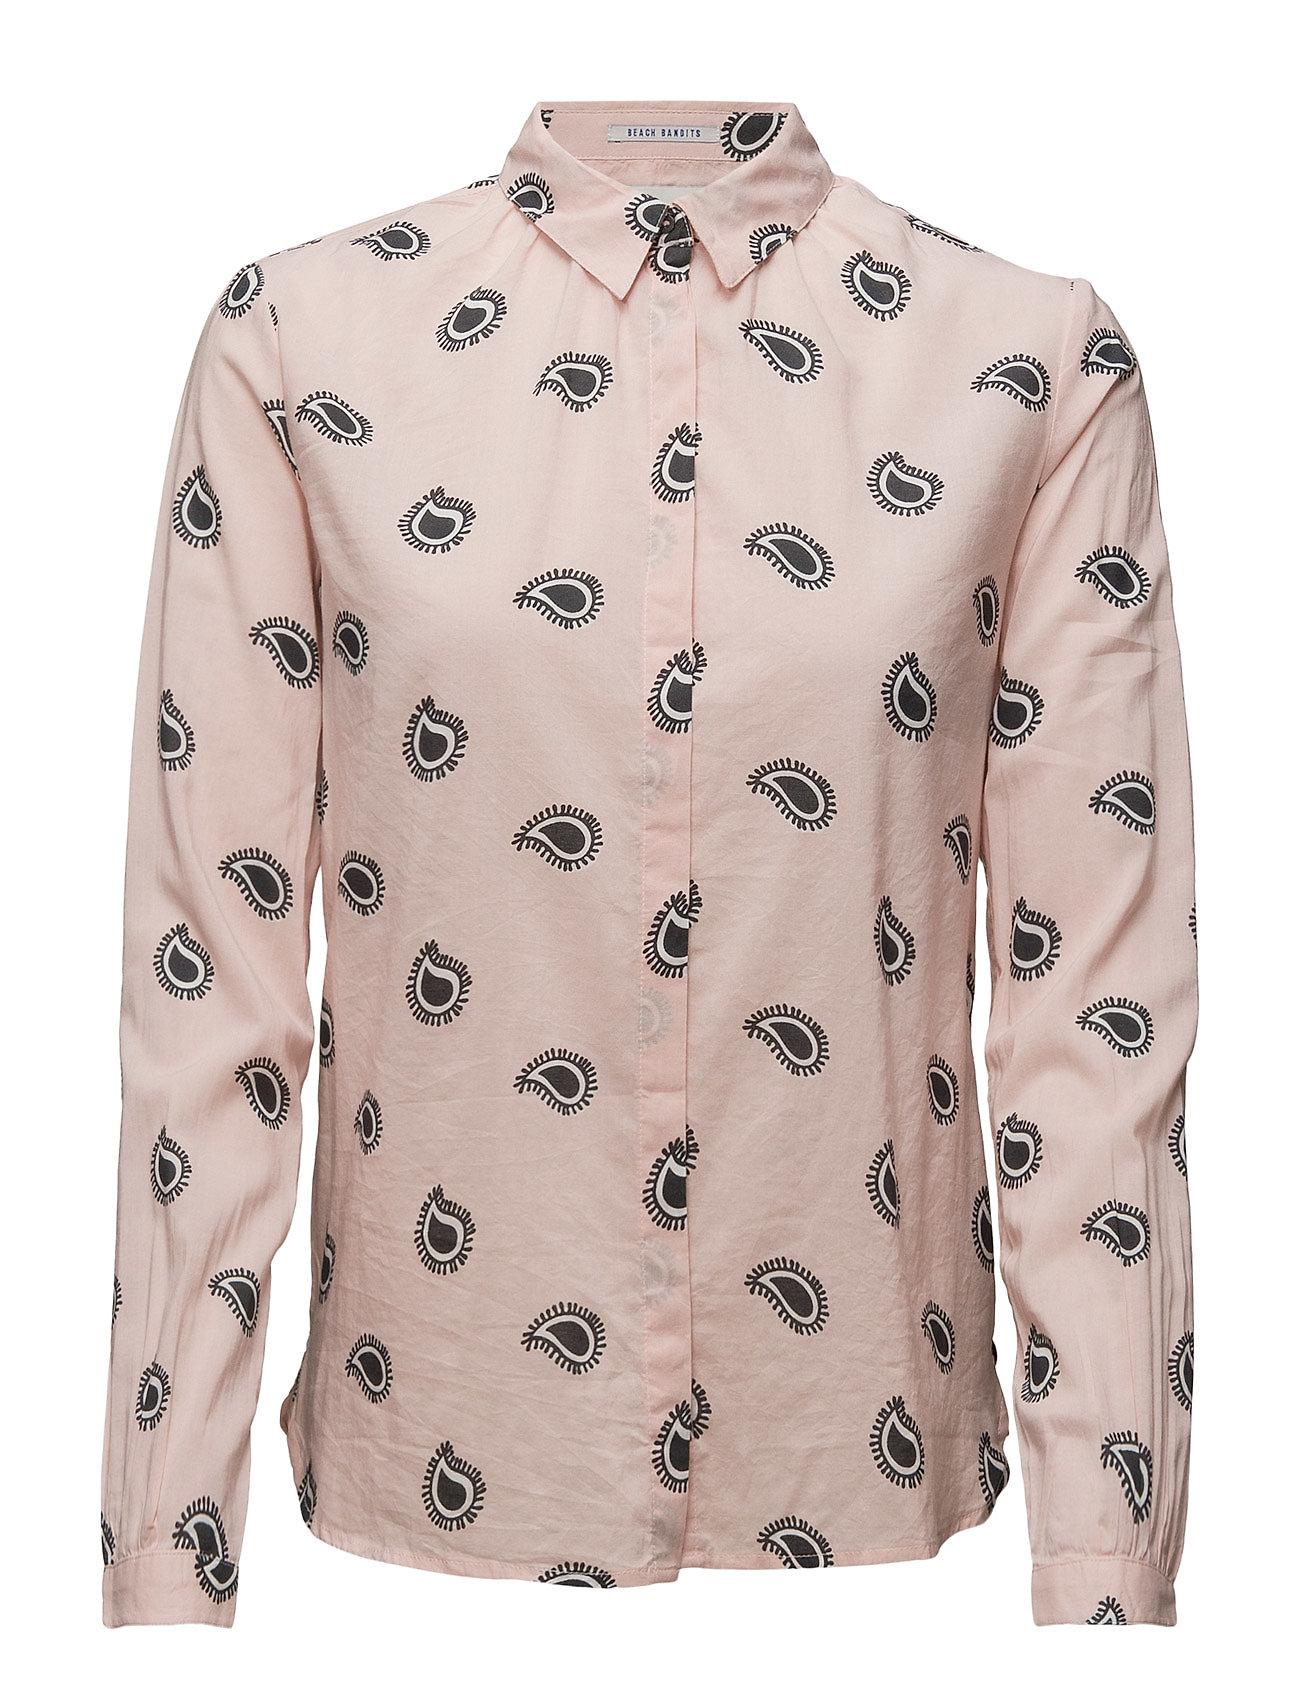 Basic Shirt In Various Dessins Scotch & Soda Trøjer til Kvinder i Combo A